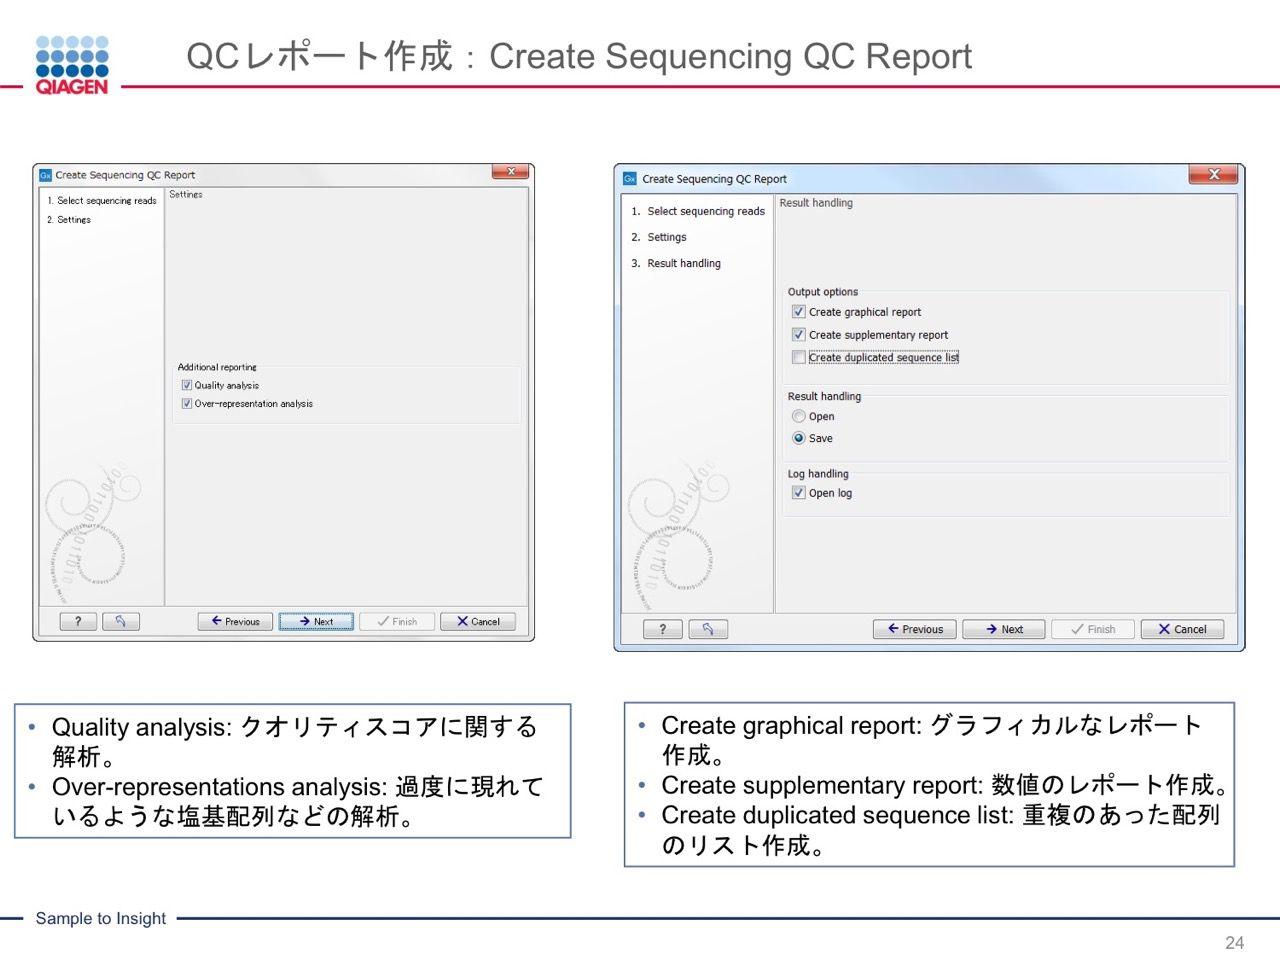 images/AJACSa2_miyamoto_024.jpg